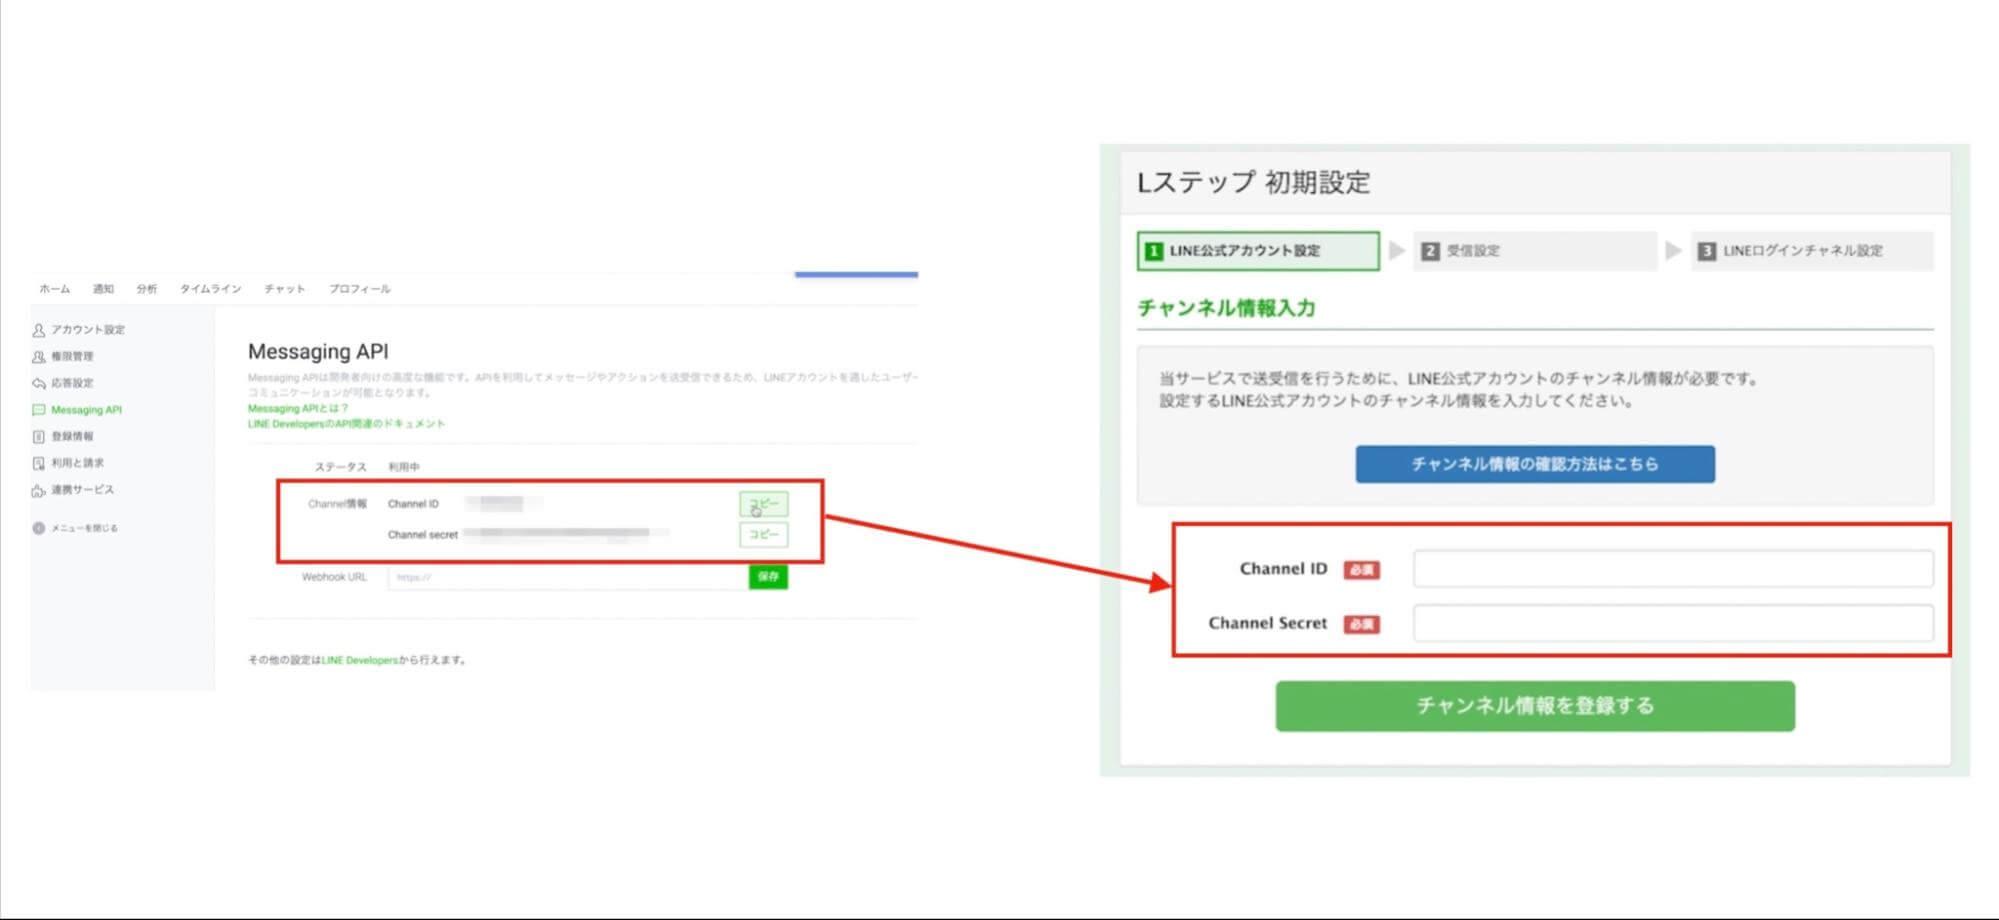 ステップ ログイン L LINE公式アカウント(旧:LINE@)管理画面 ログインページのURLは?